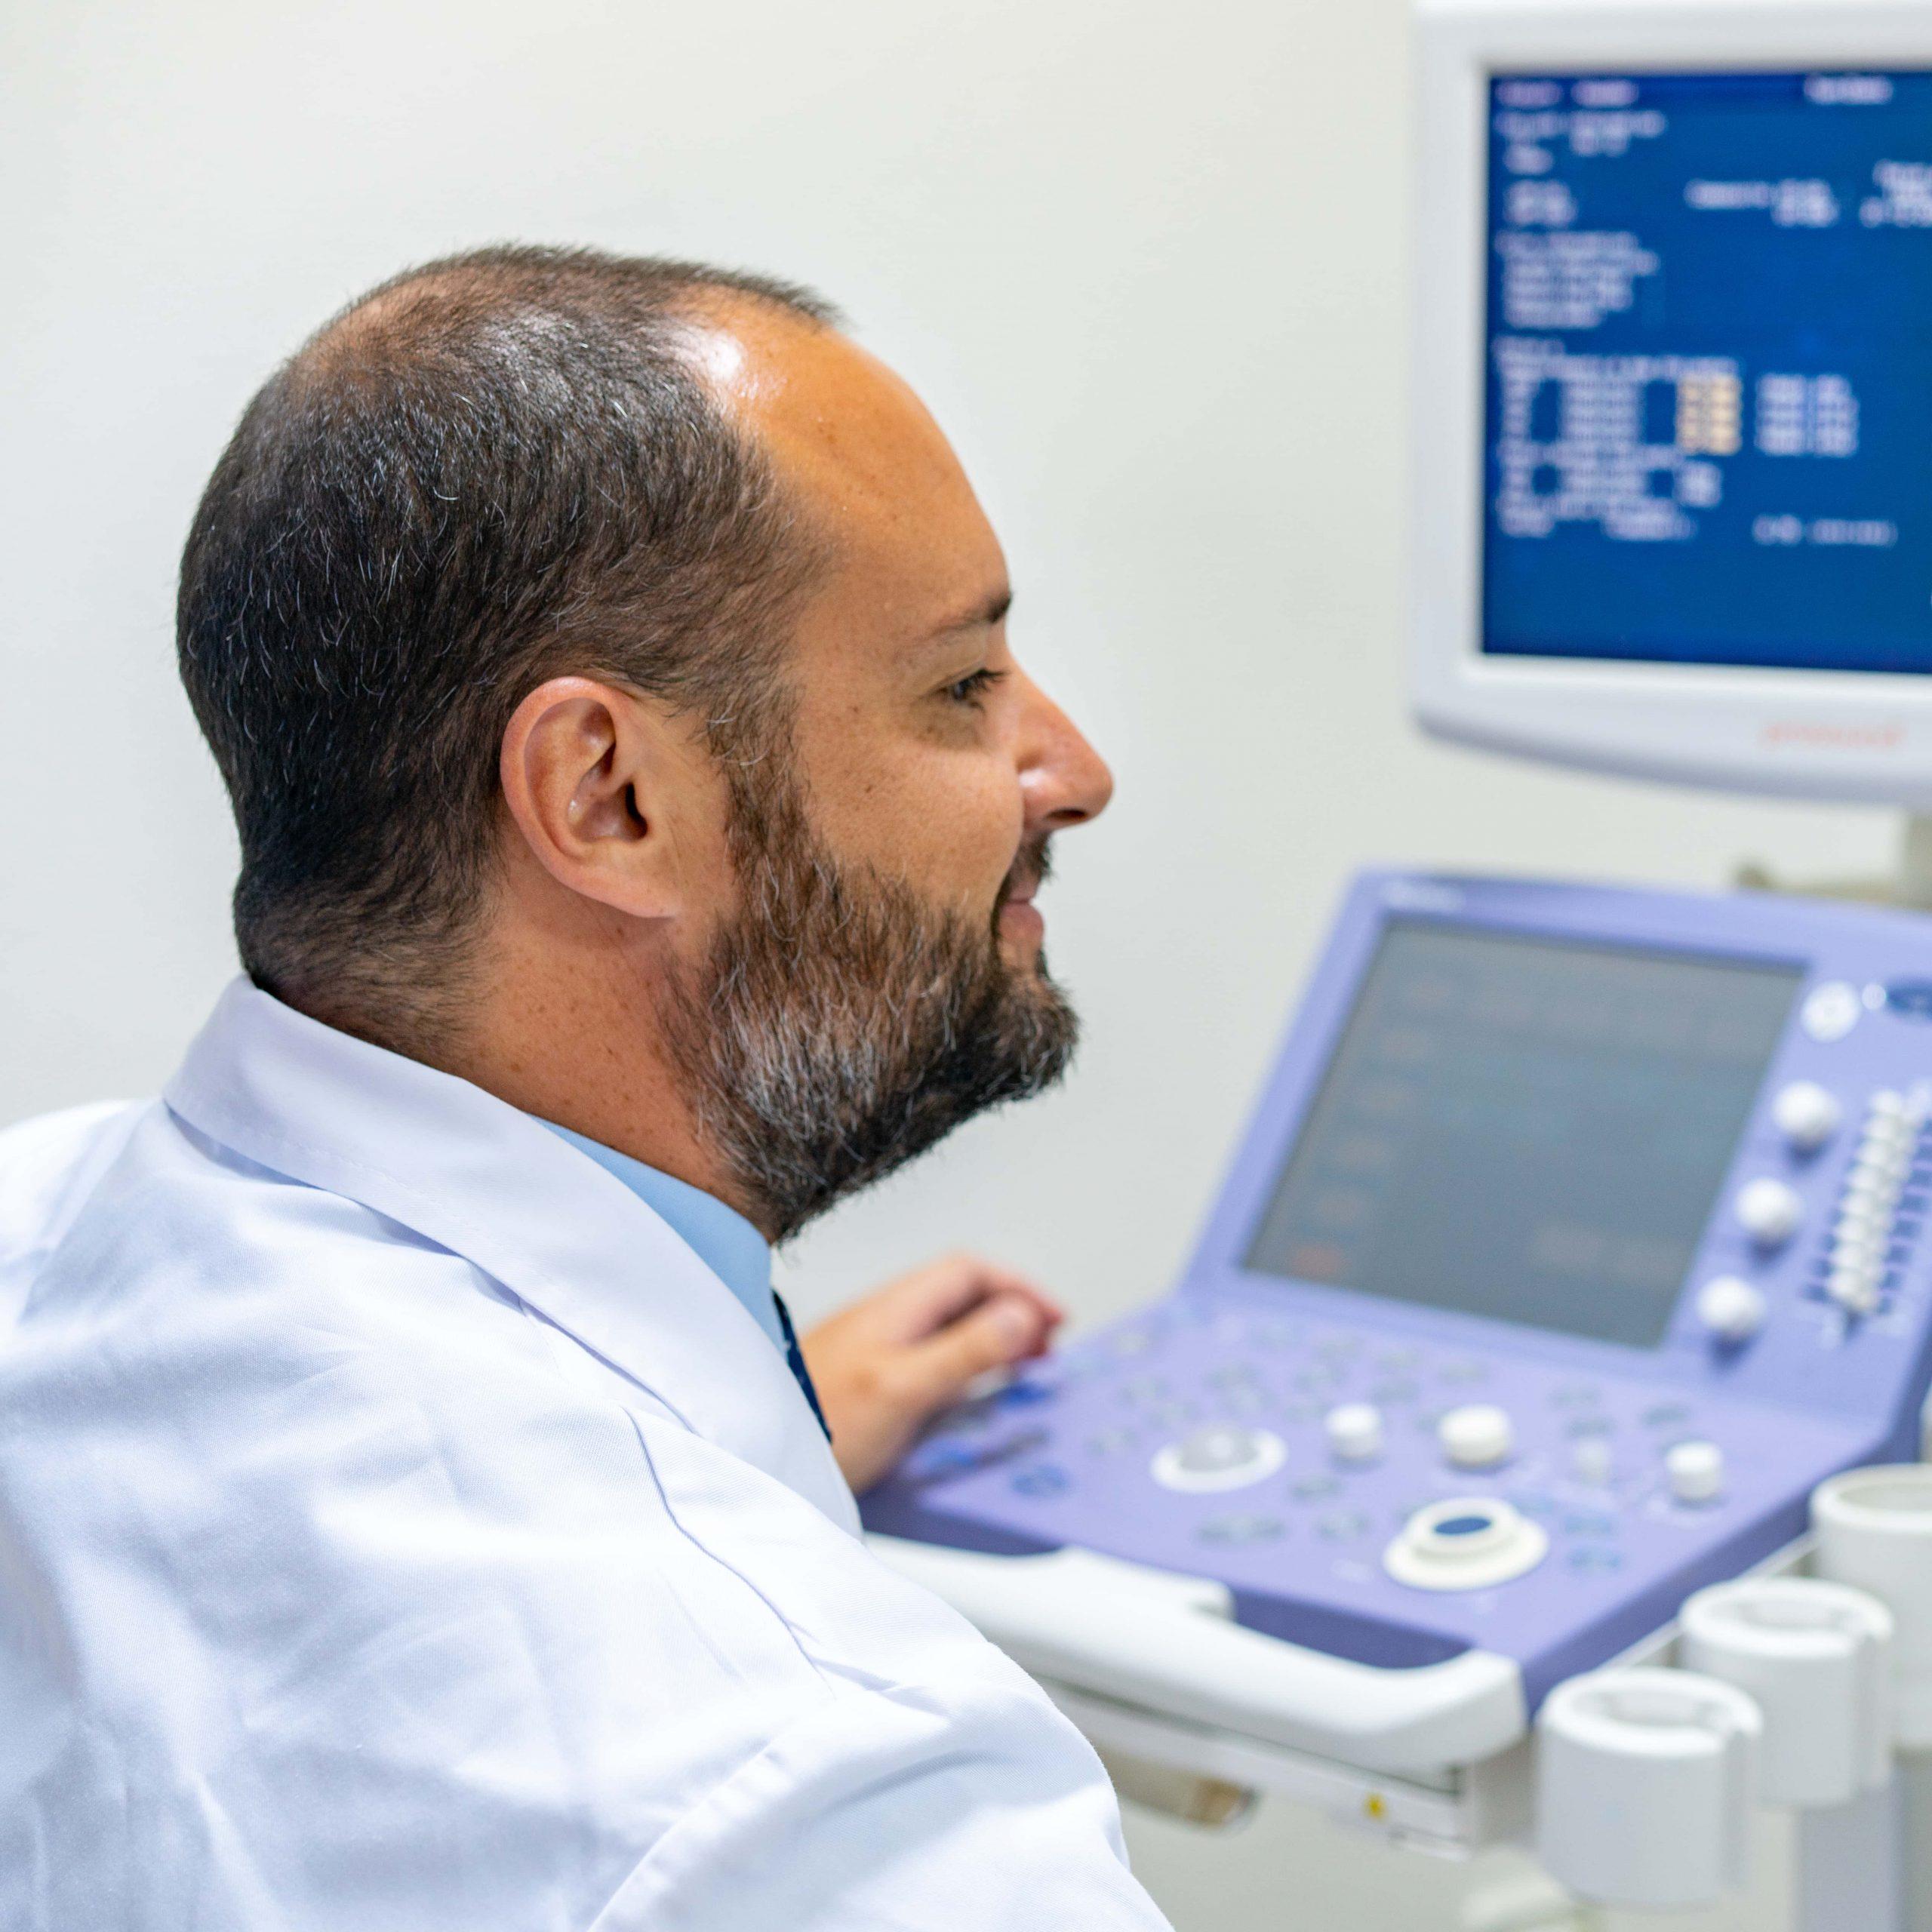 Ginecología y obstetricia Hospital Santa Elena, clinica médica en Torremolinos, Málaga. Servicios sanitarios en la Costa del Sol. Más de 30 especialidades y servicio de urgencias